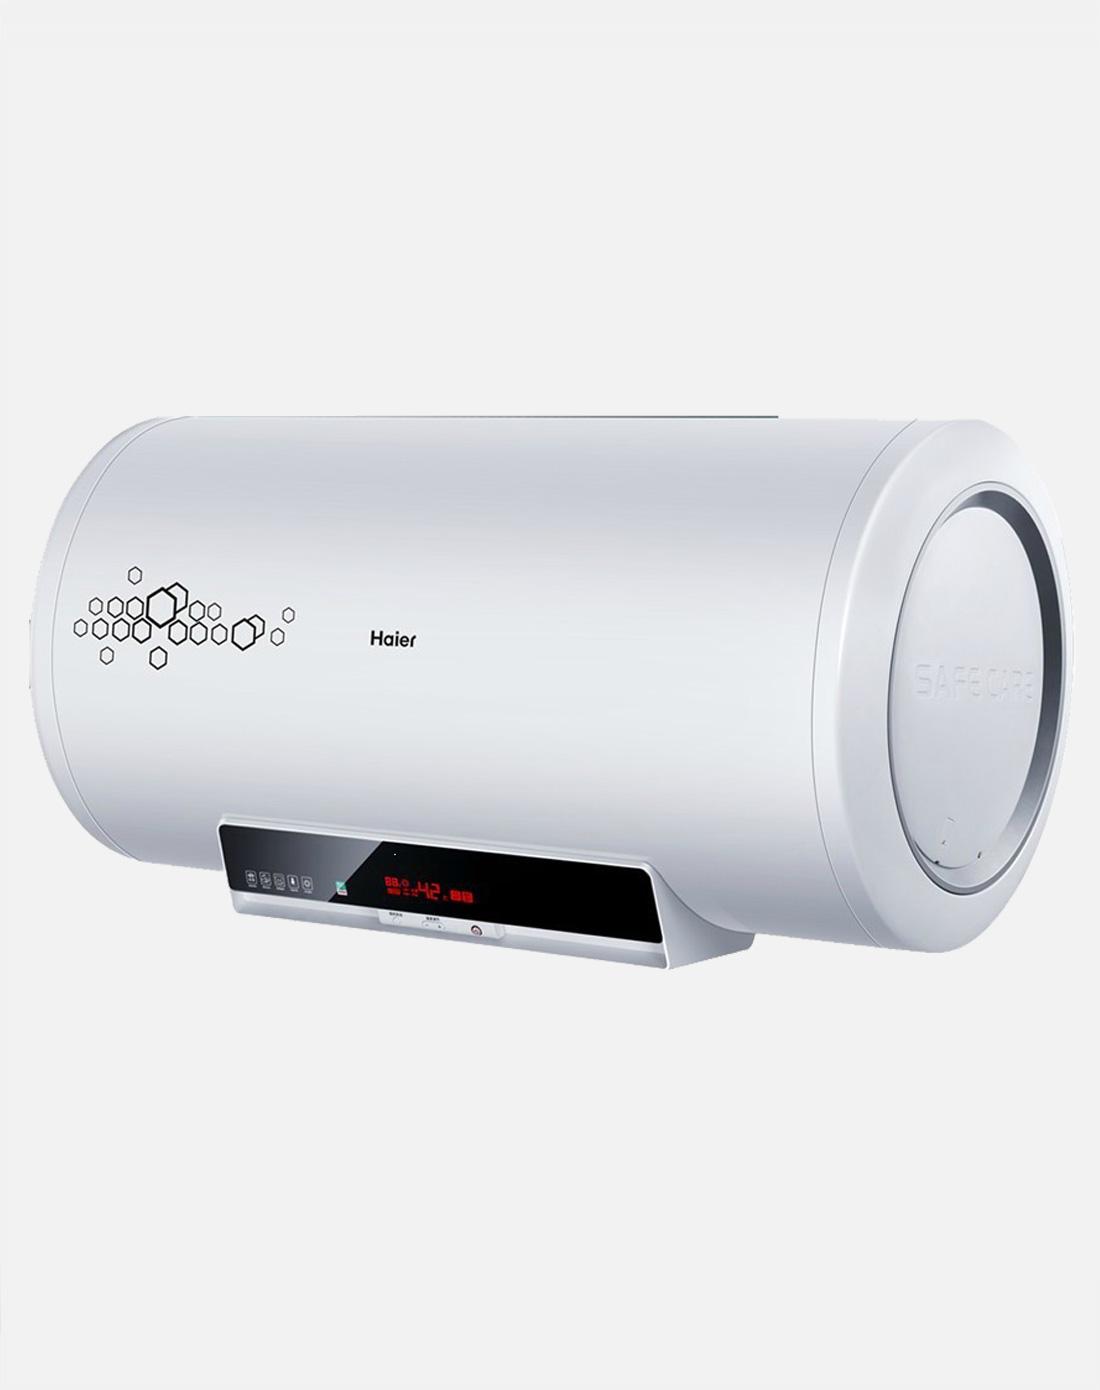 海尔haier电器电脑版分层加热电热水器60l(白色)es60h